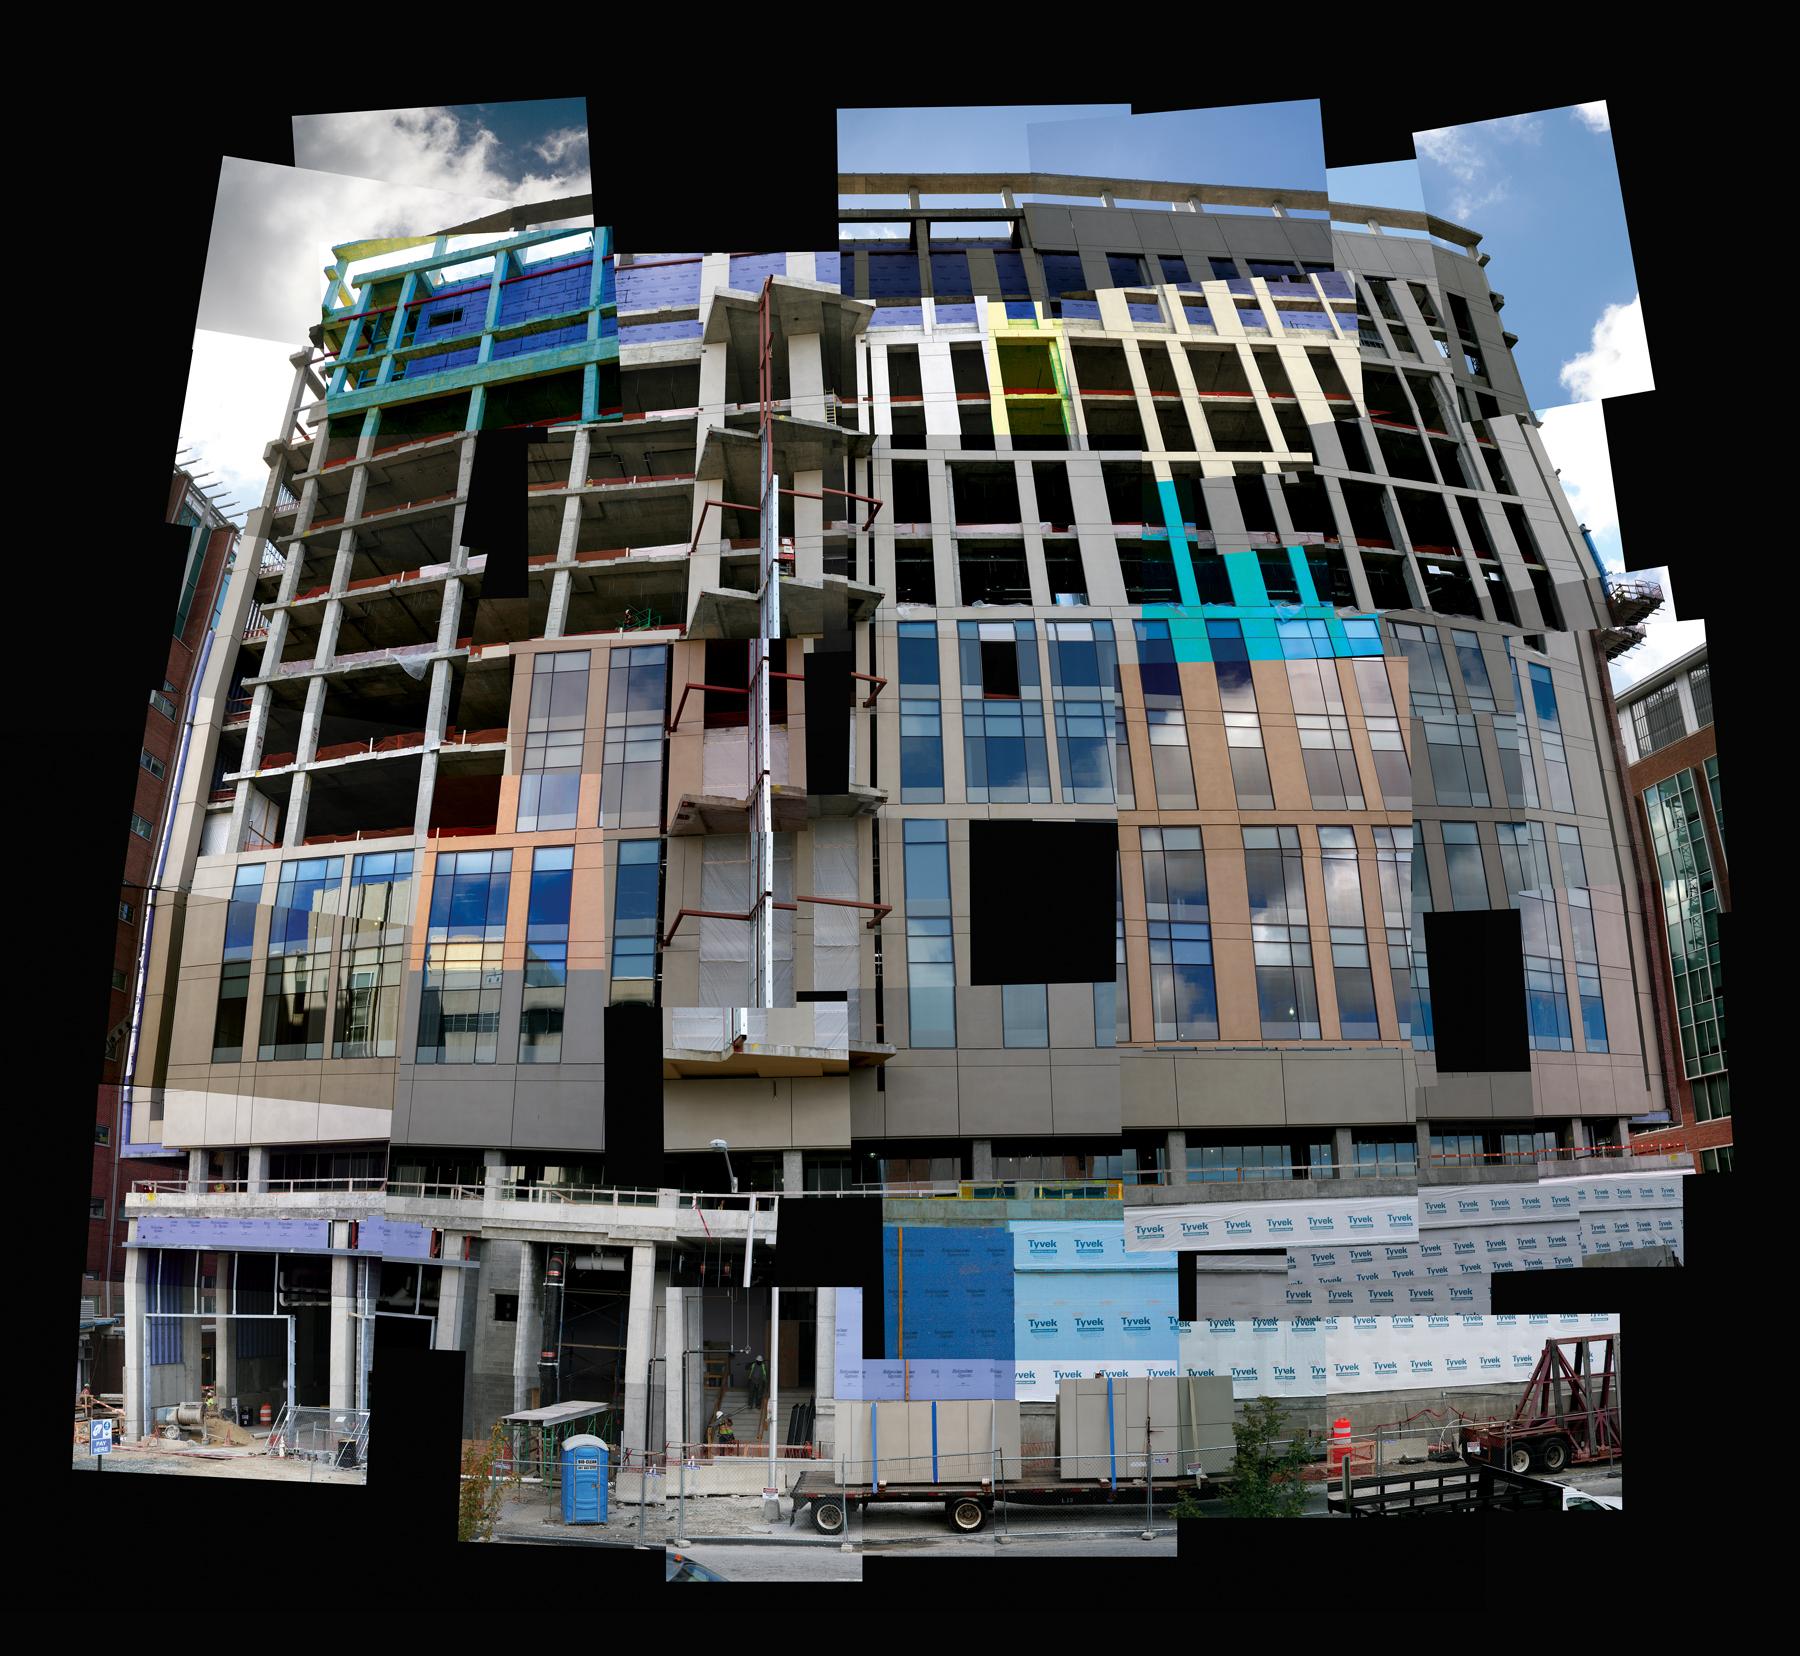 architecture, built environment, cityscape, constructions, photomontage, urban landscape